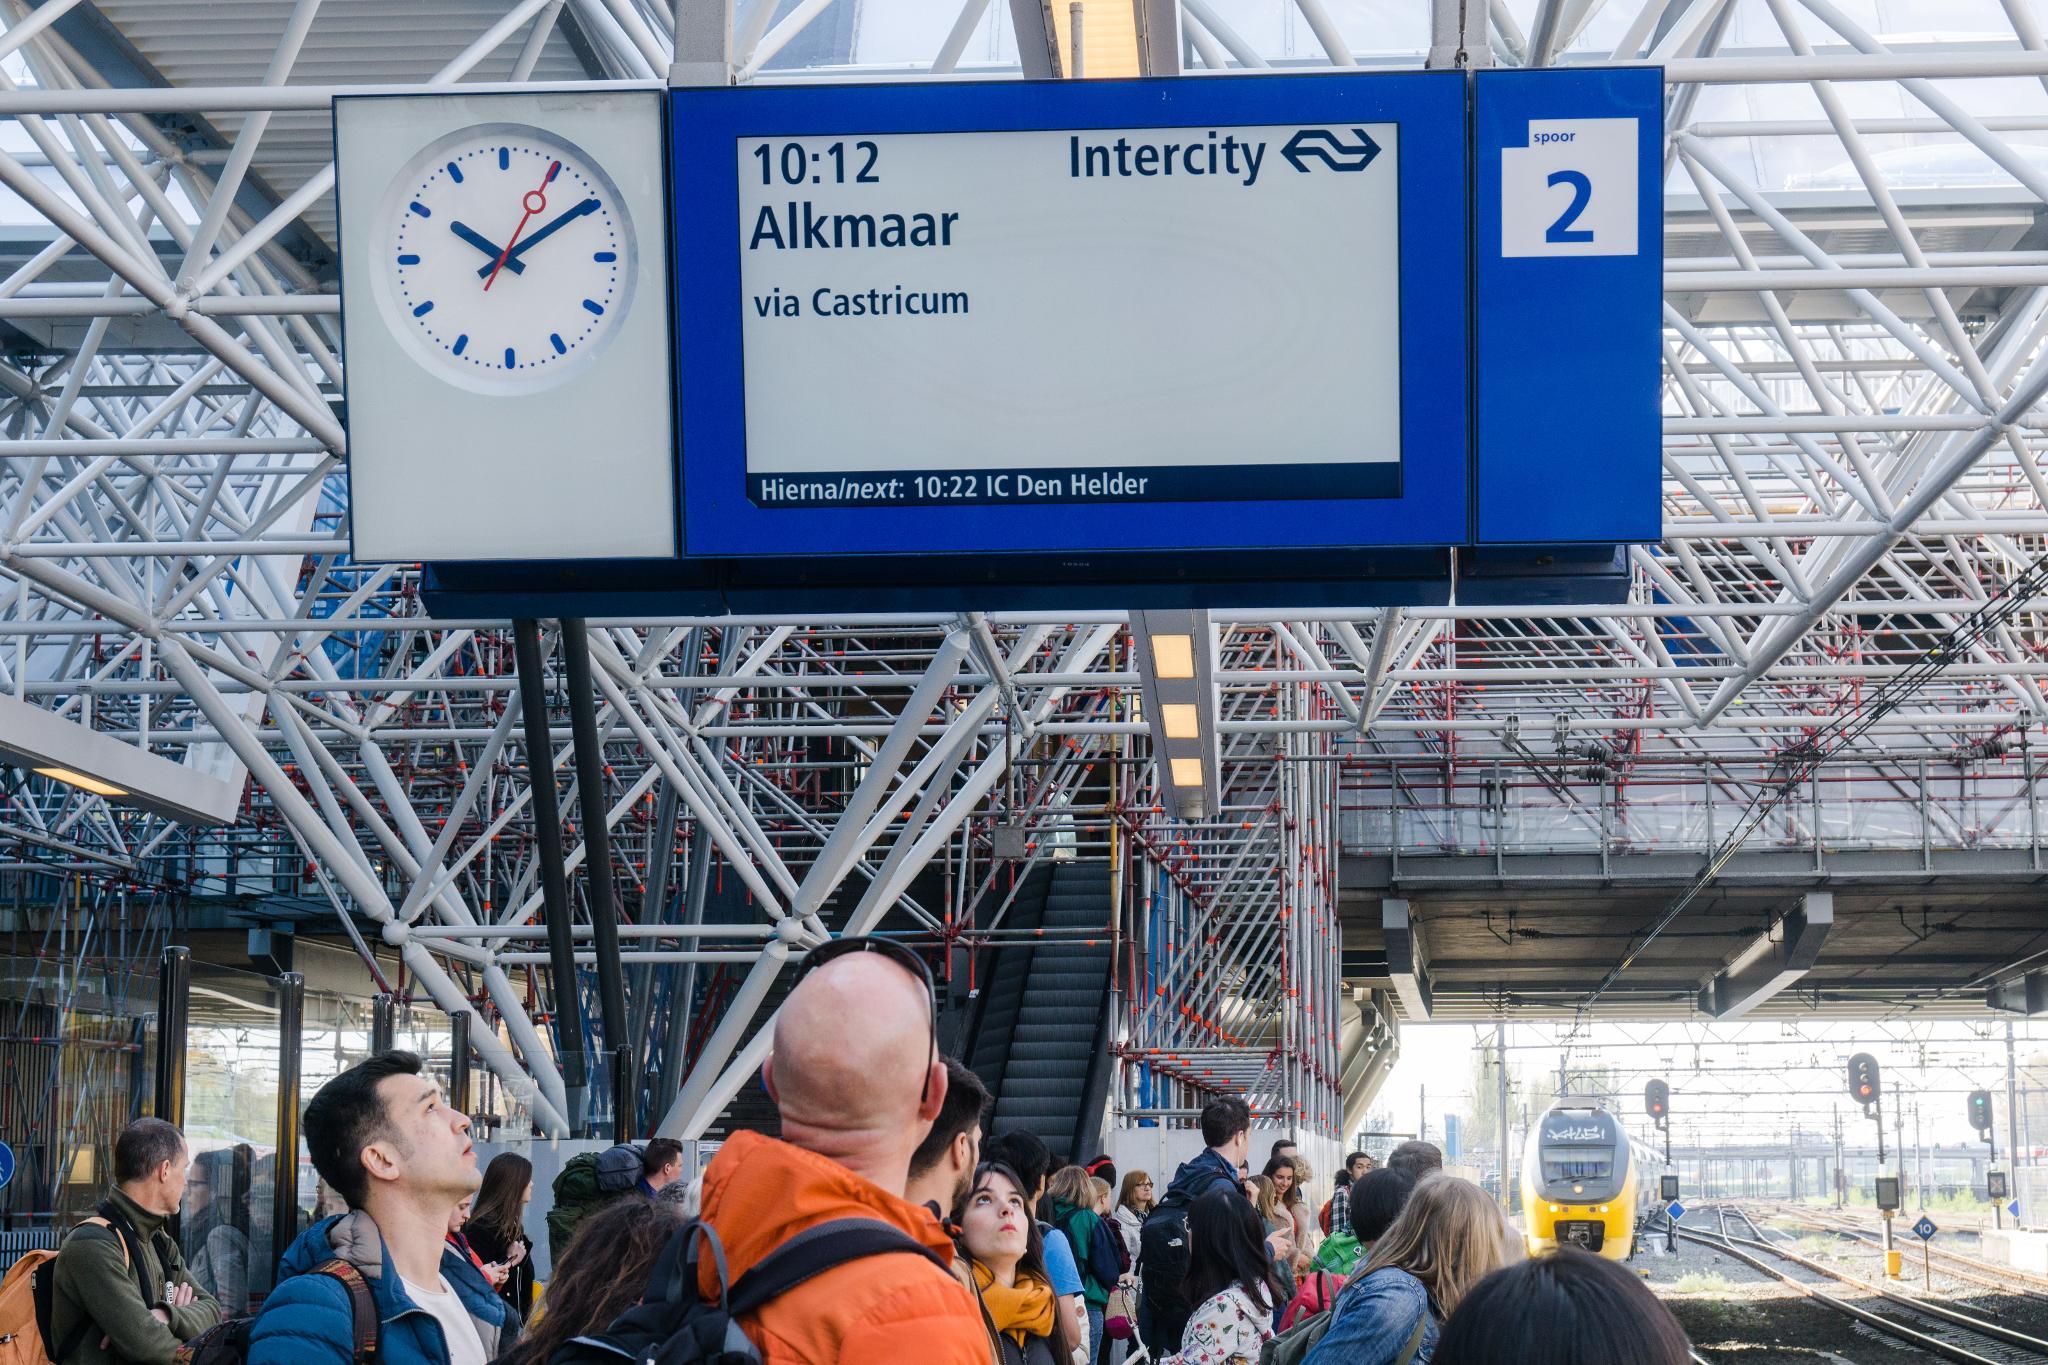 【荷蘭印象】體驗道地的荷式風情 — Alkmaar 起司市集 散步路線整理 7